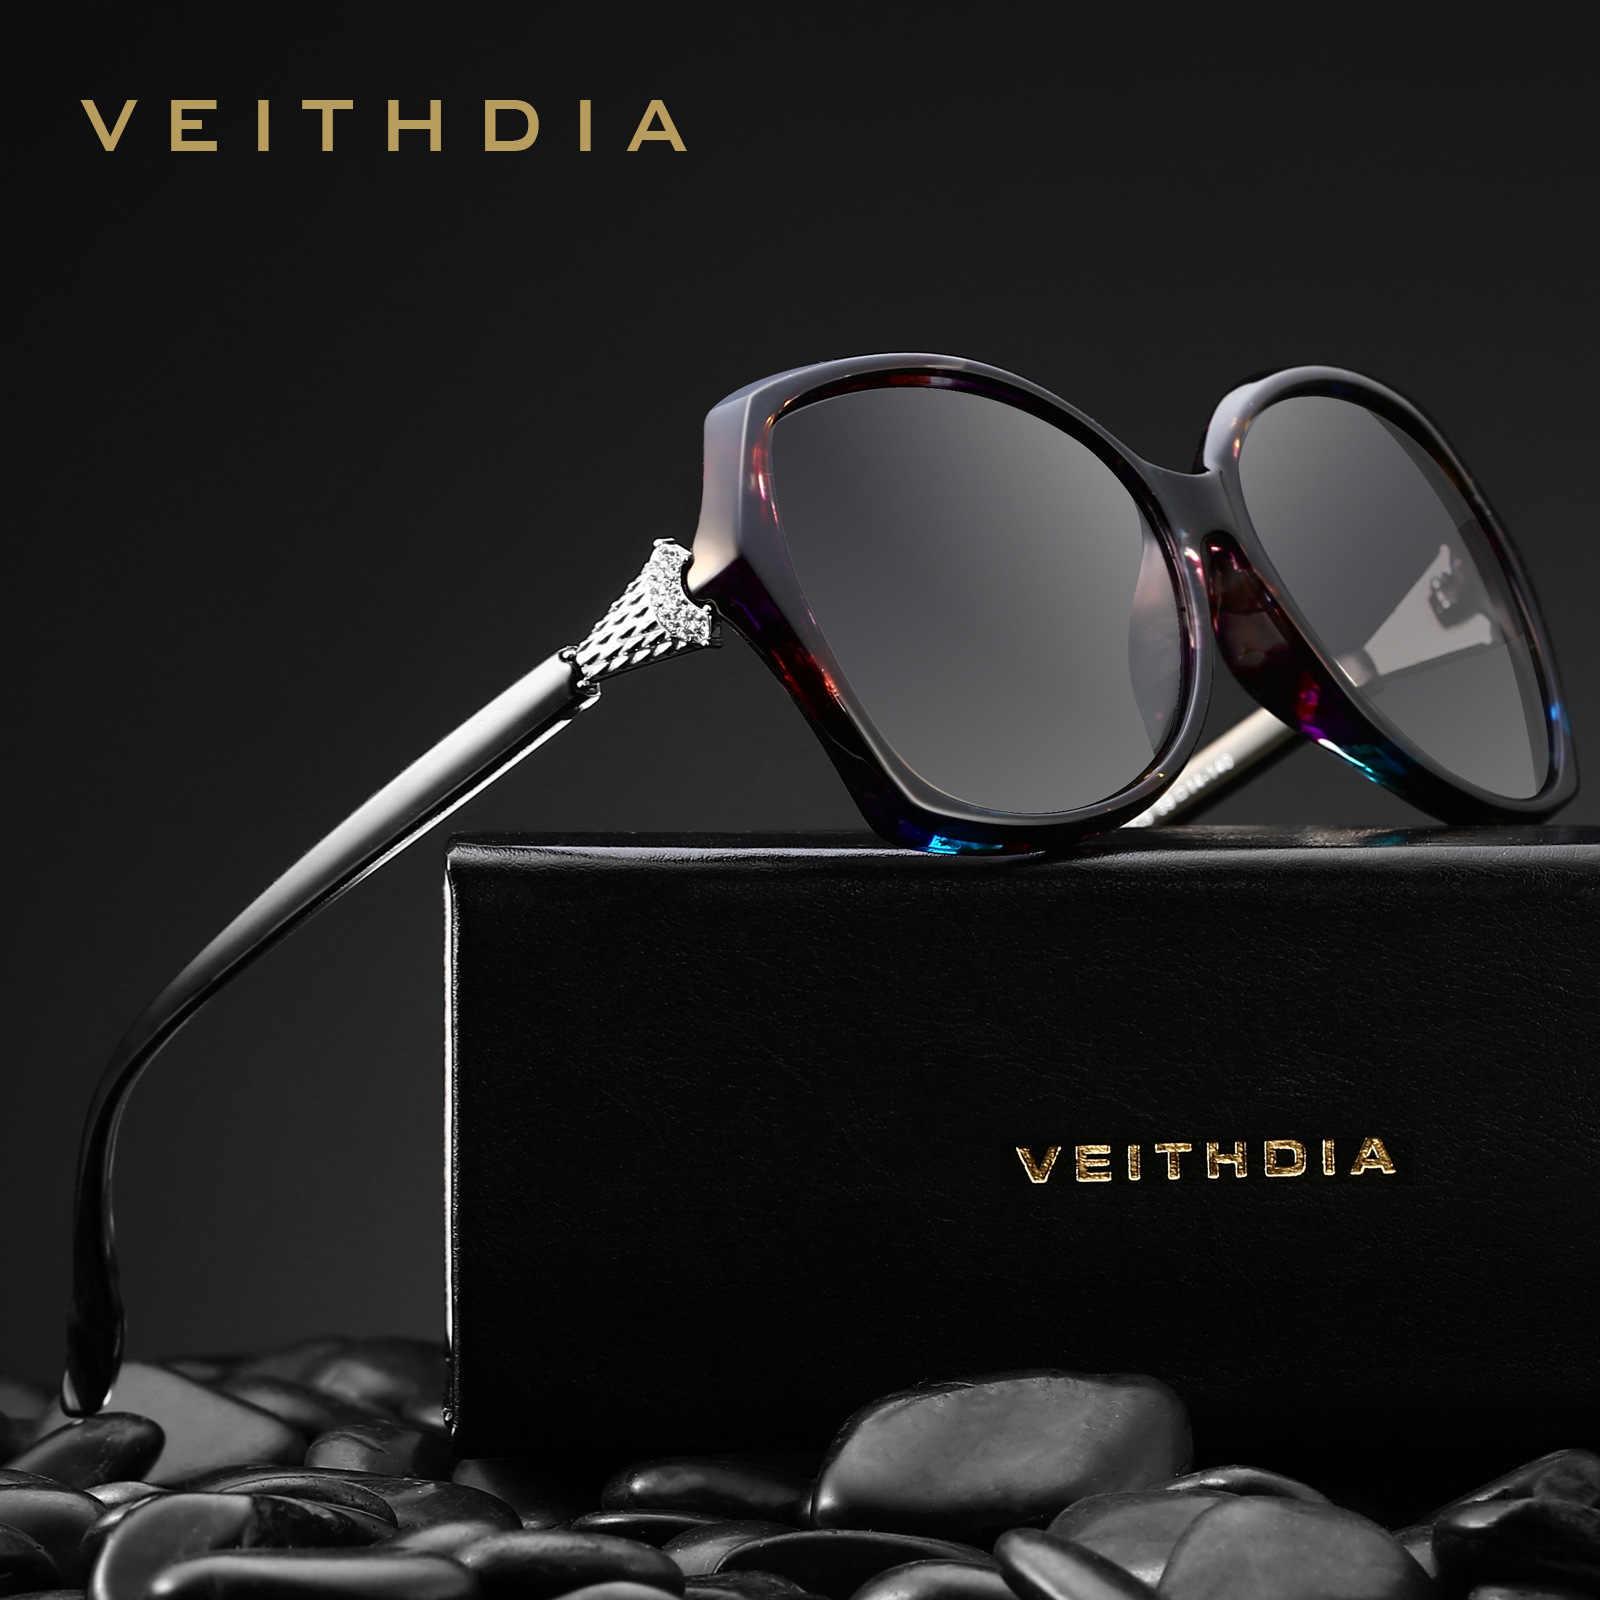 VEITHDIA 2019แฟชั่นFoxเพชรผู้หญิงหรูหราแว่นตากันแดดขนาดใหญ่Elegant Oculos De Solแว่นตาSunสำหรับผู้หญิงUV400